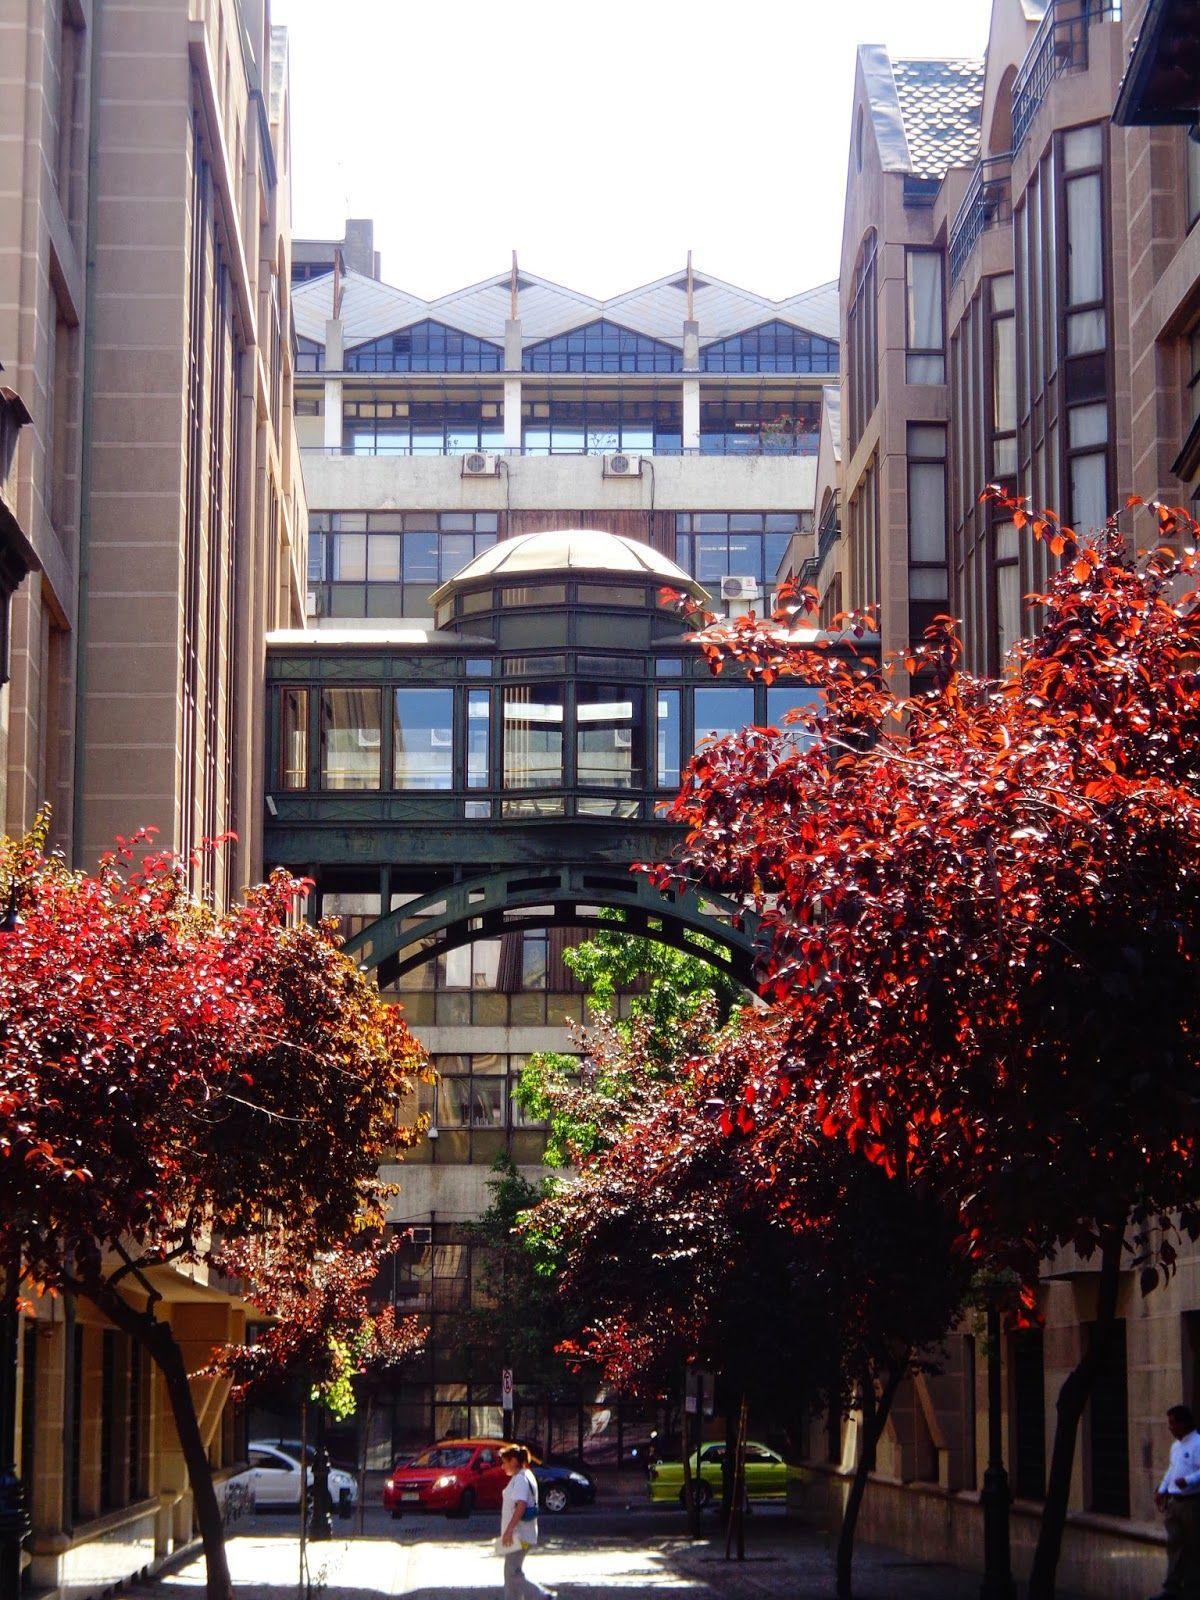 barrio paris londres, santiago, chile.